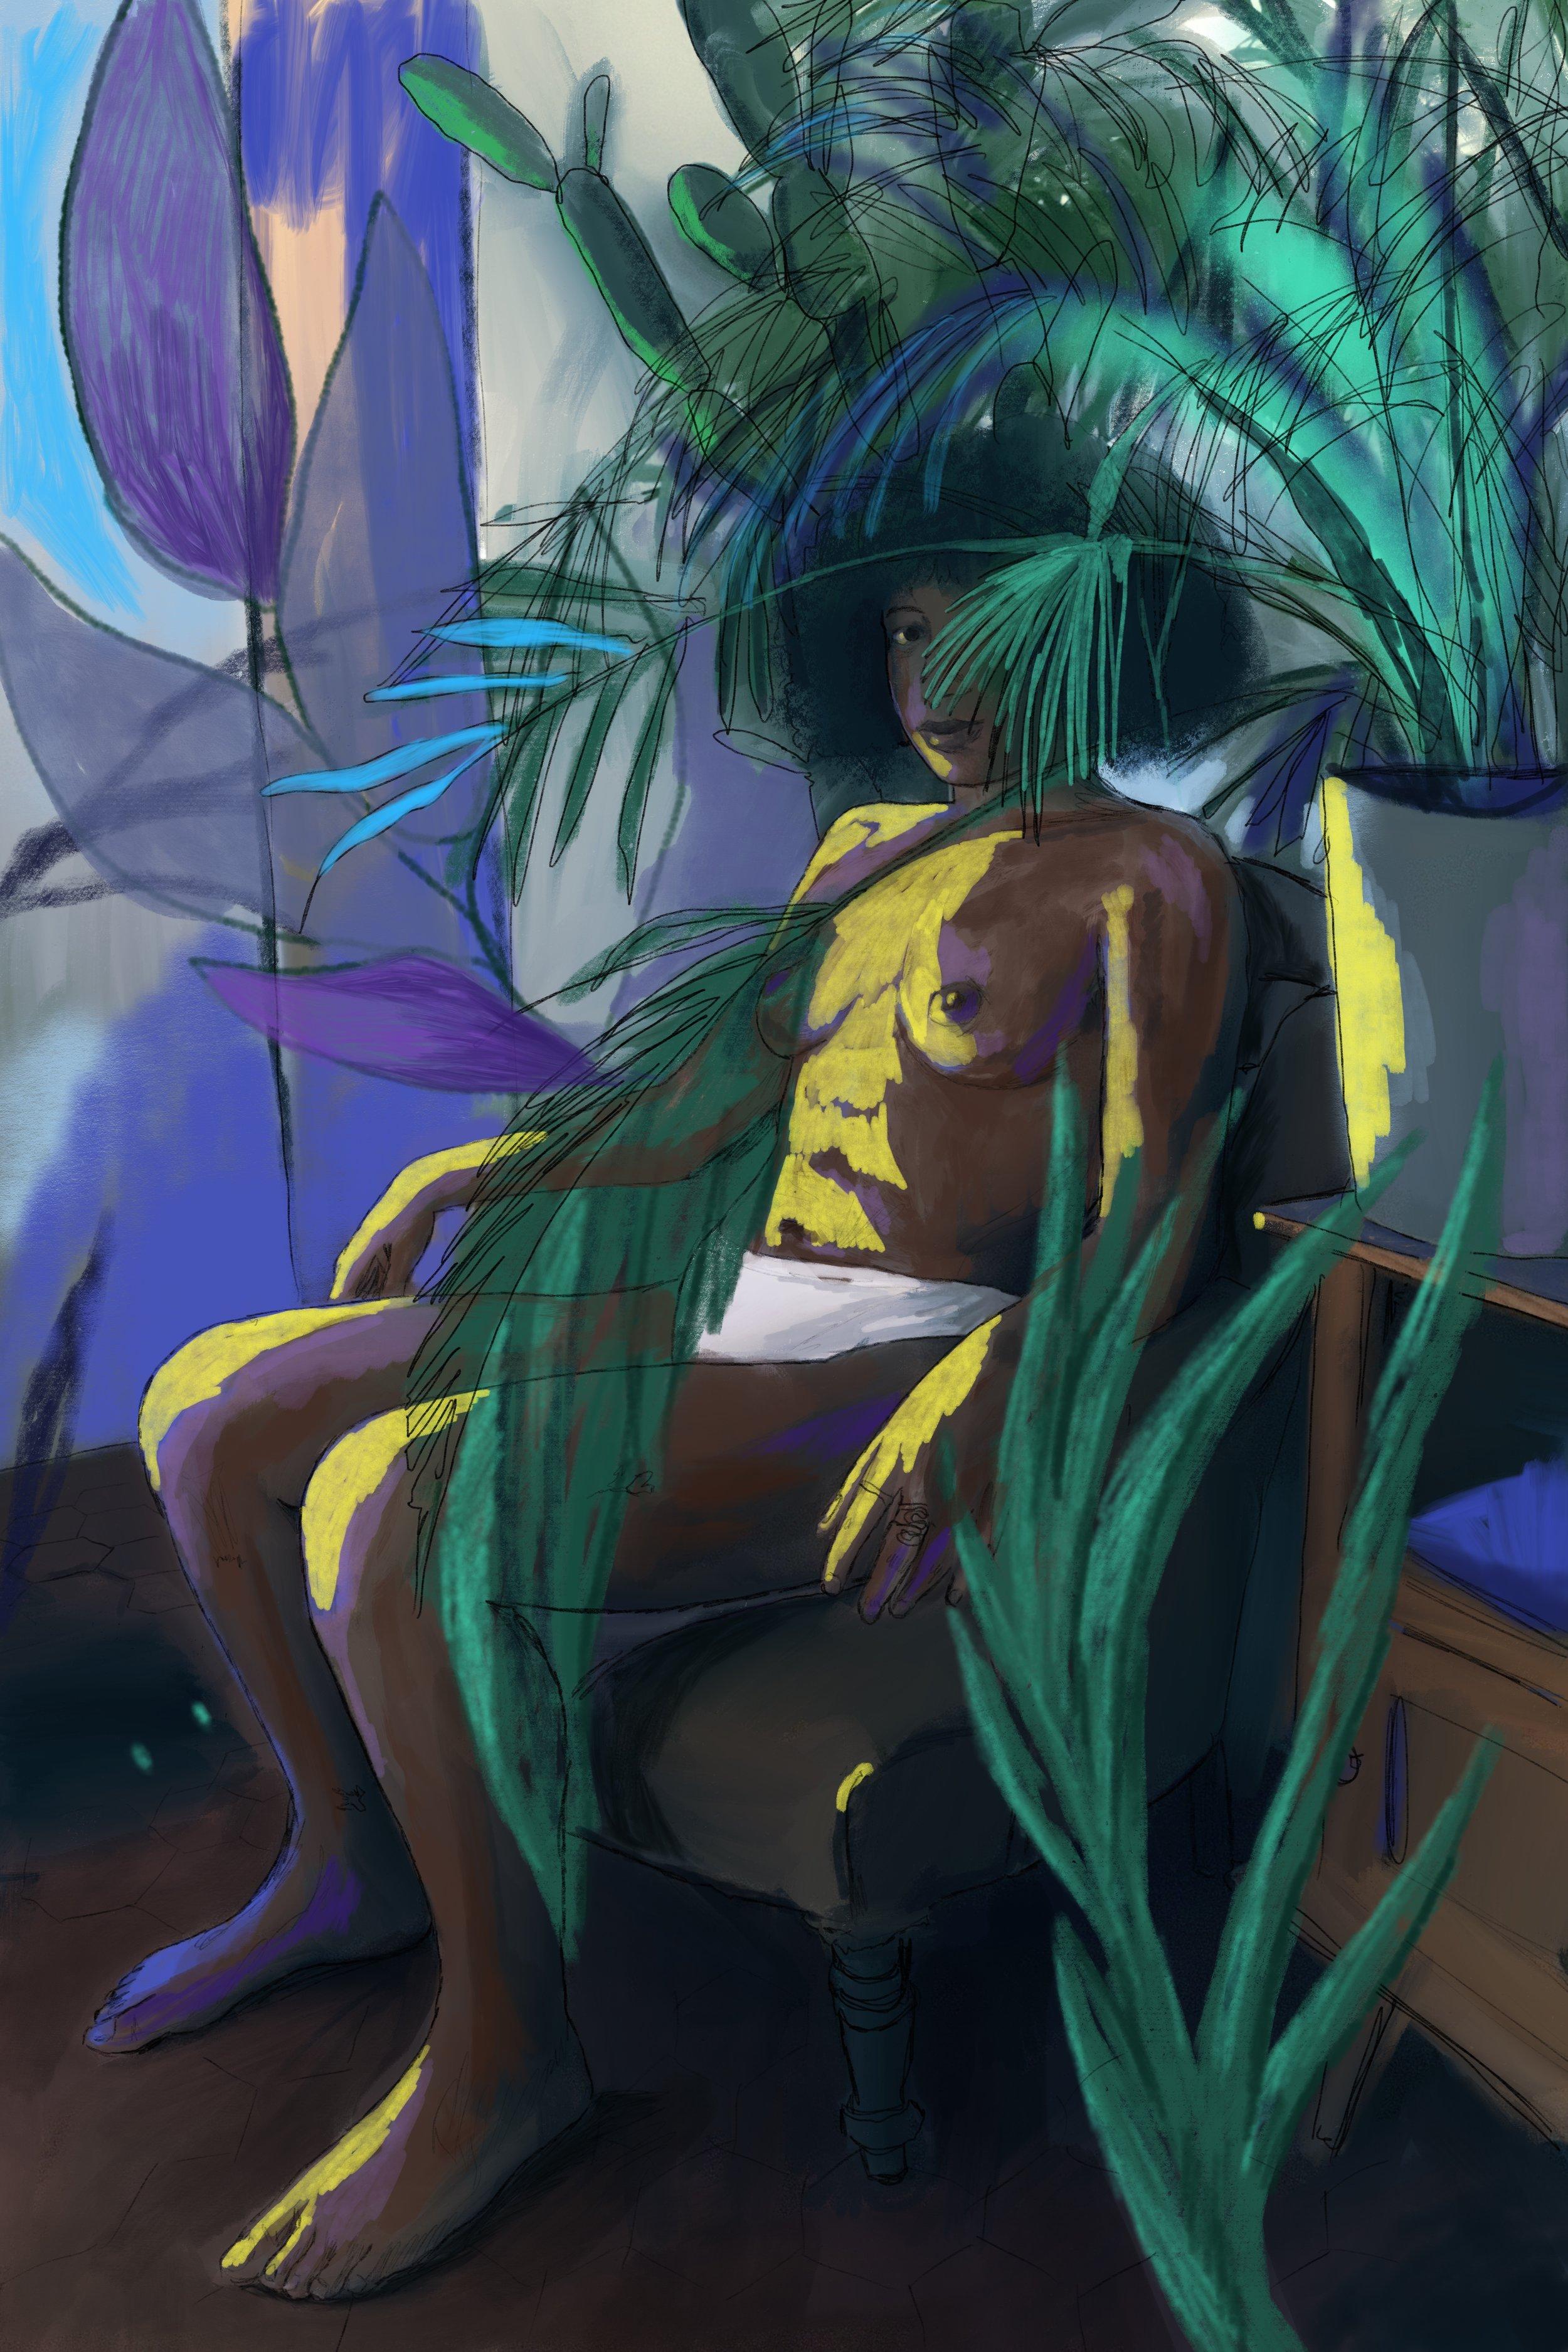 marseille, acrylic on canvas, 180x120cm